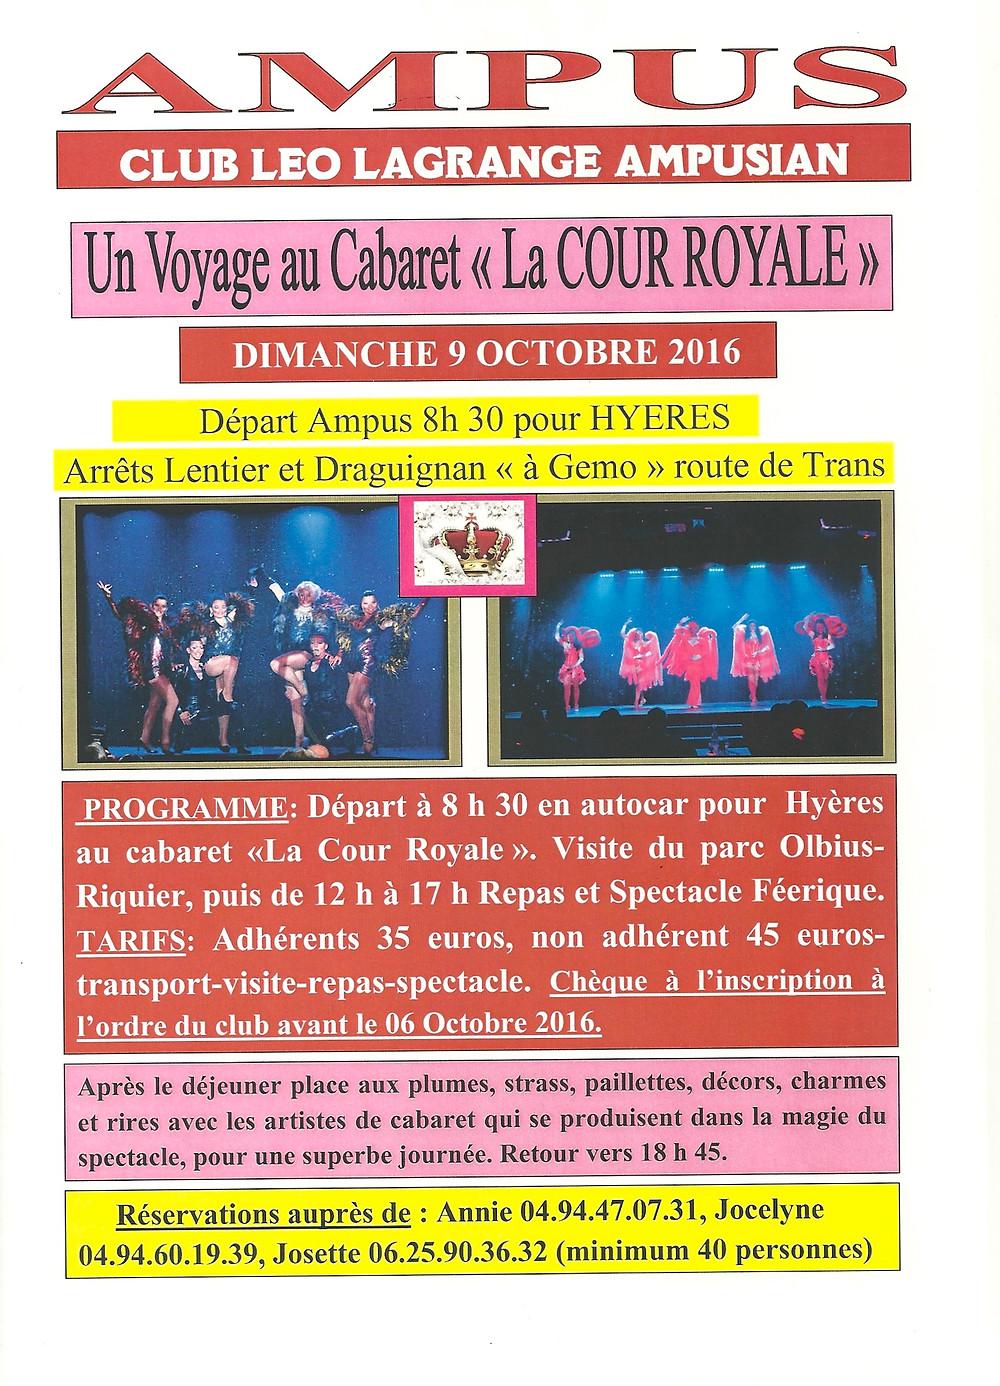 """Programme : Départ d'Ampus à 08h30 en autocar pour Hyères au Cabaret """"La Cour Royale"""". Visite du parc Olbiusriquier, puis de 12h à 17h repas spectacle féérique. Réservations auprès de Annie 04.94.47.07.31 ou Jocelyne 04.94.60.19.39 ou Josette 06.25.90.36.32"""